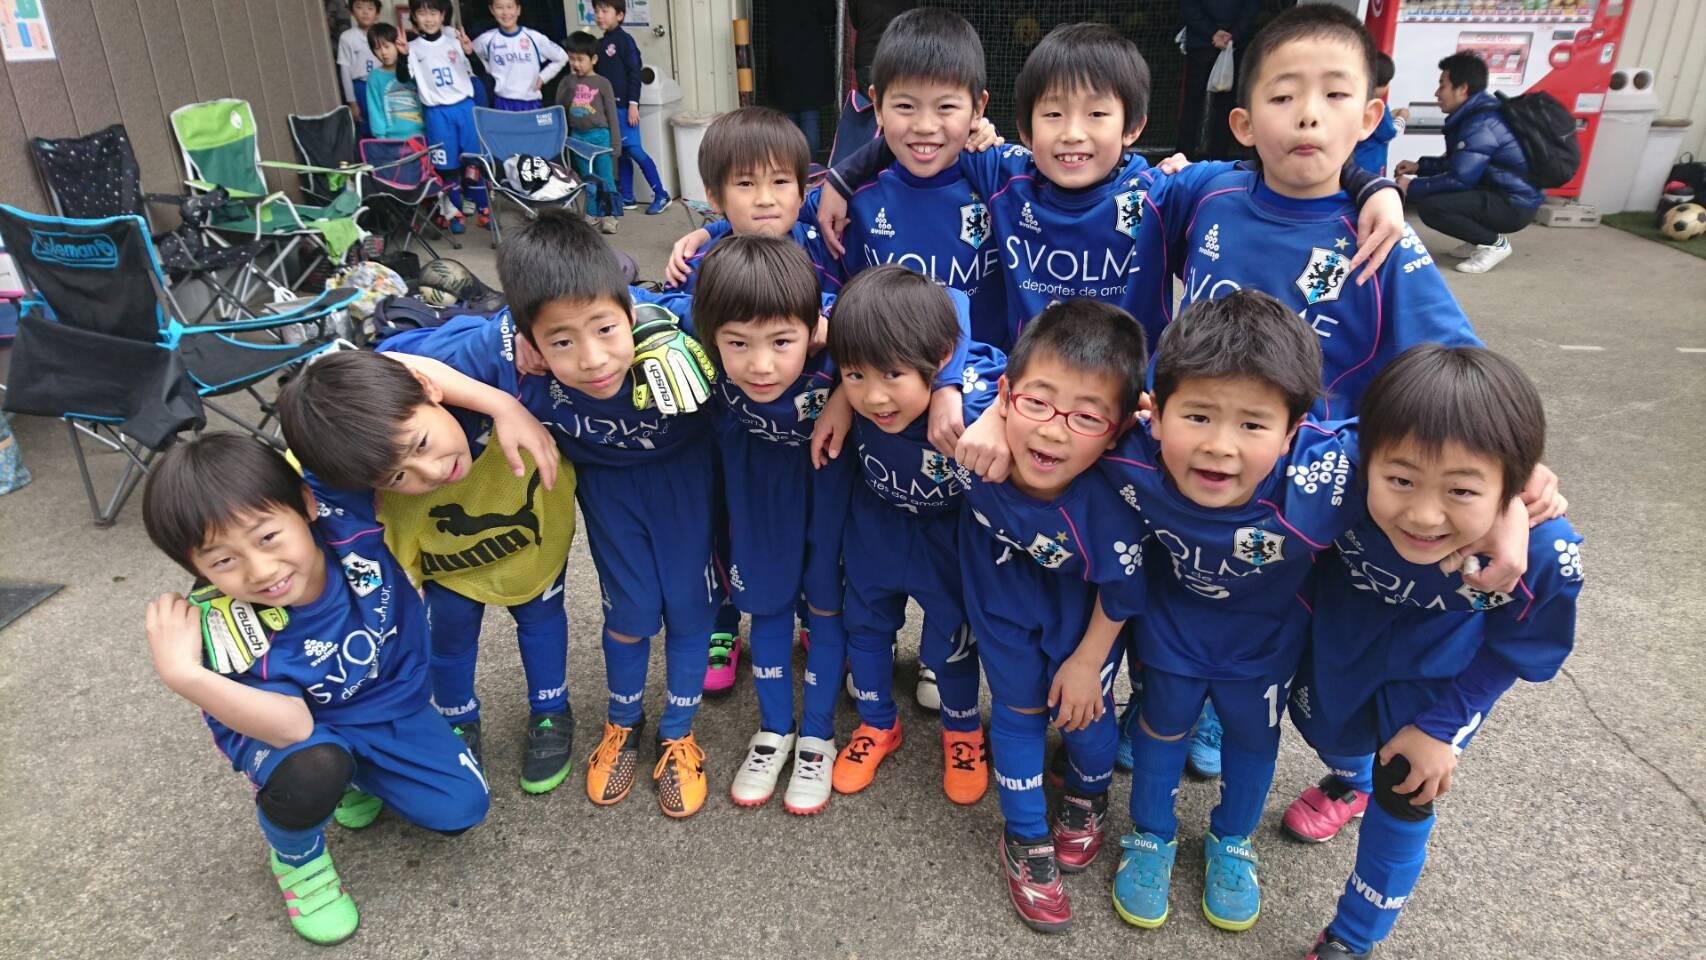 清進サッカークラブ